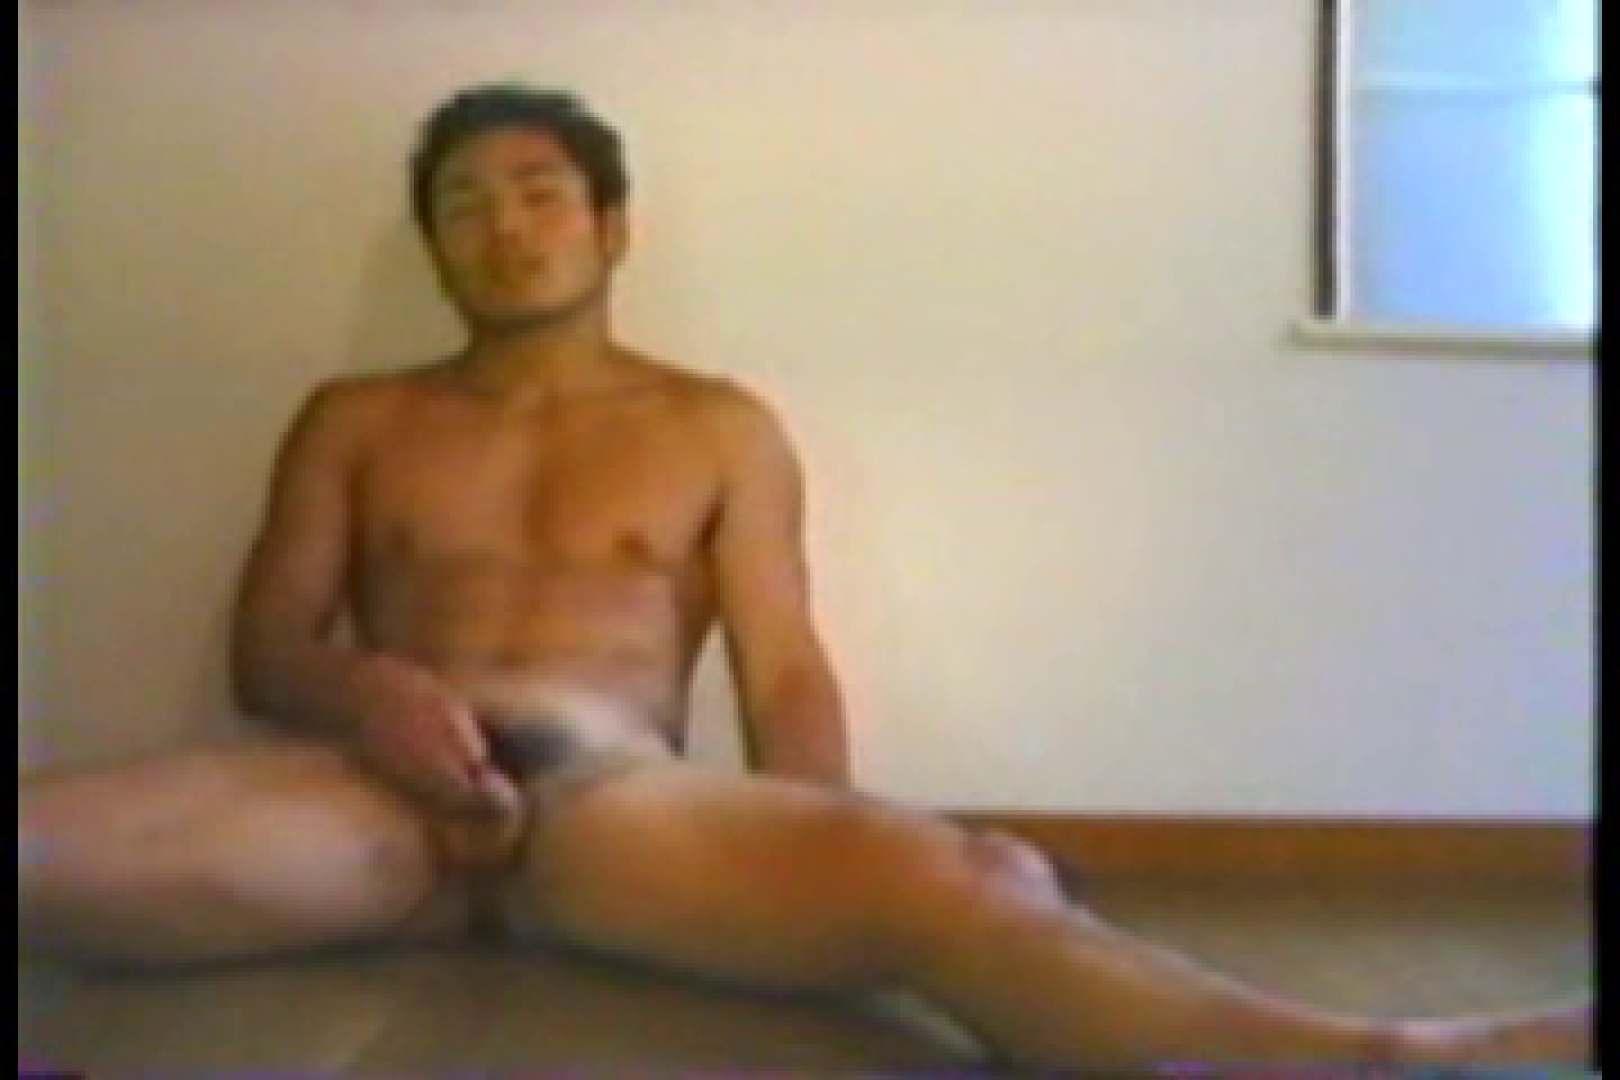 『ノンケ・スポーツマンシップとは・・・! ! 』 第2戦 スポーツマン   ゲイの裸  67枚 36